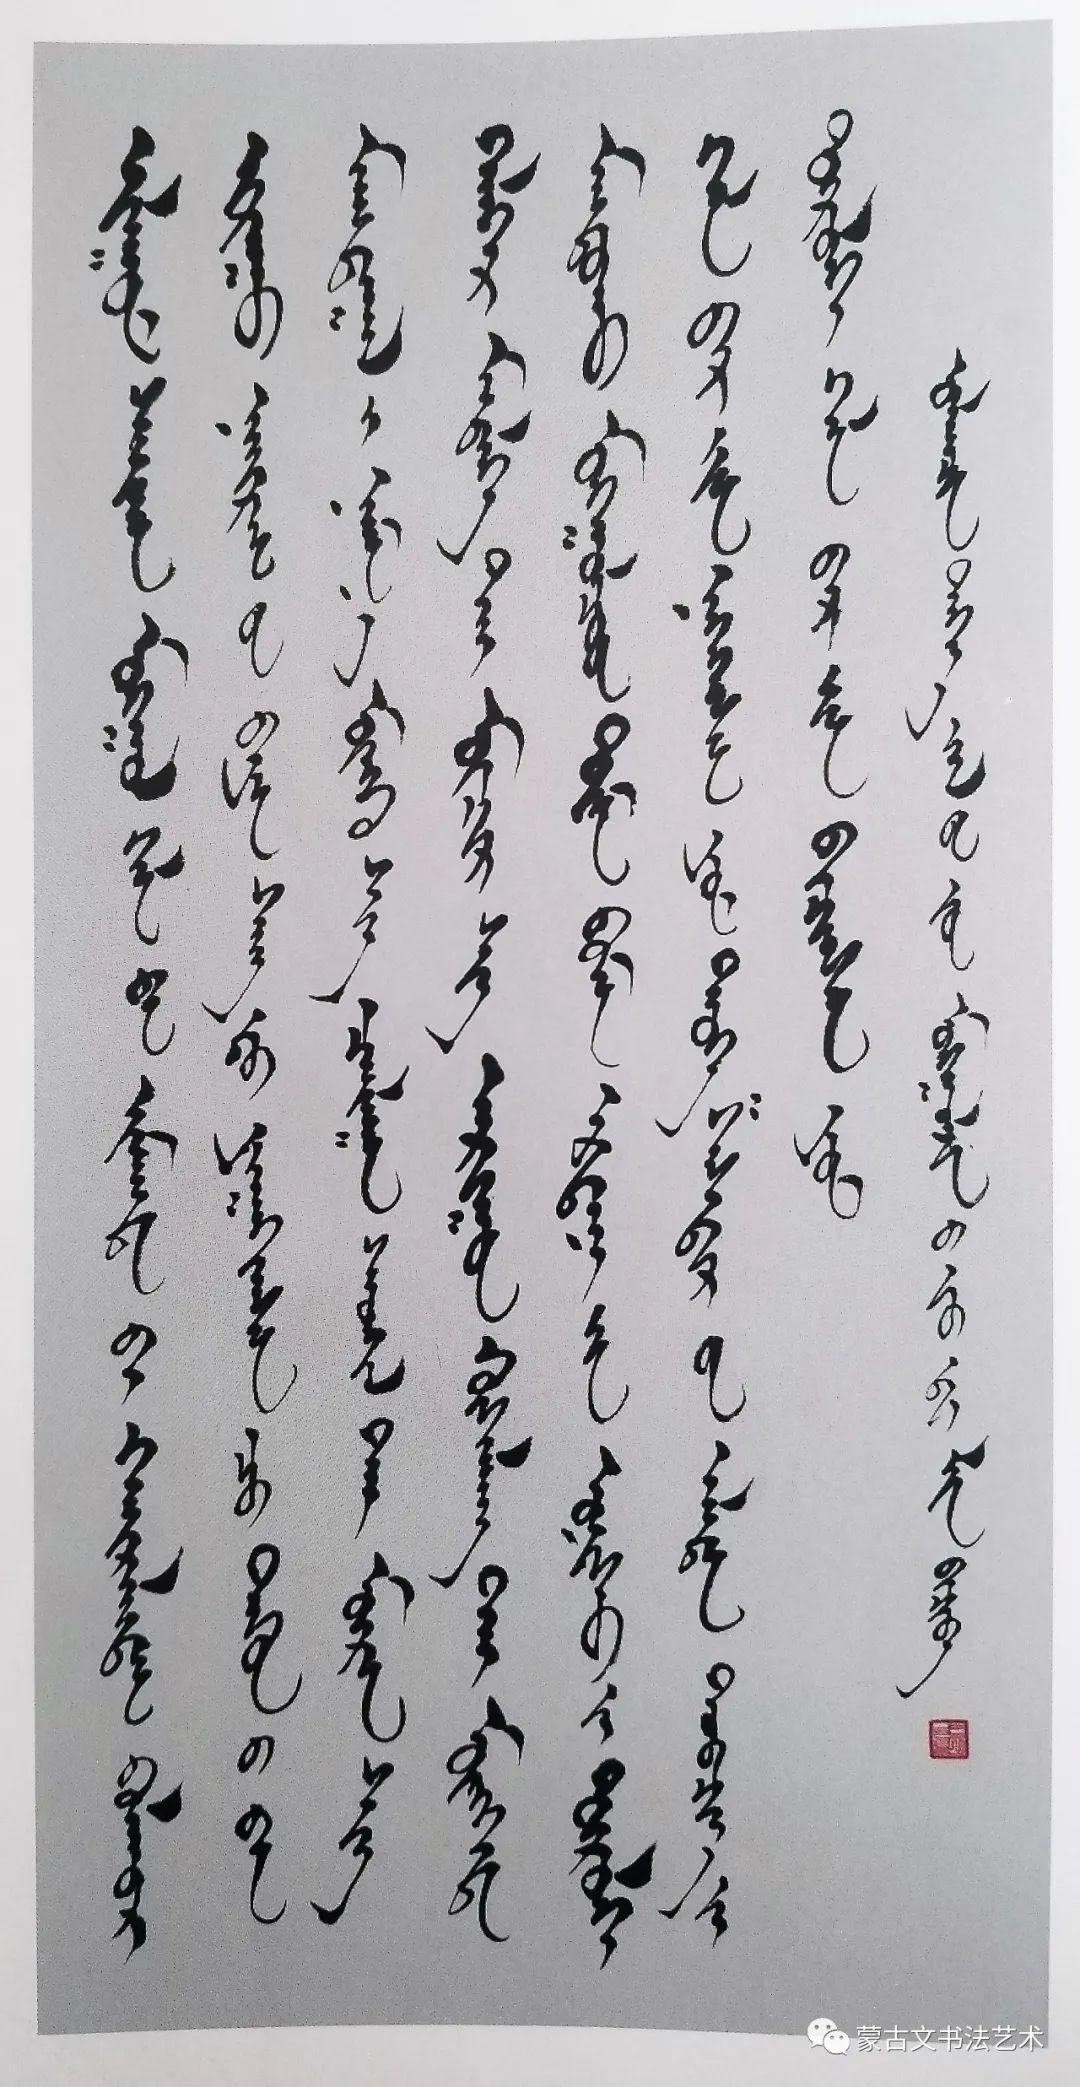 朱德林蒙古文书法作品欣赏 第3张 朱德林蒙古文书法作品欣赏 蒙古书法